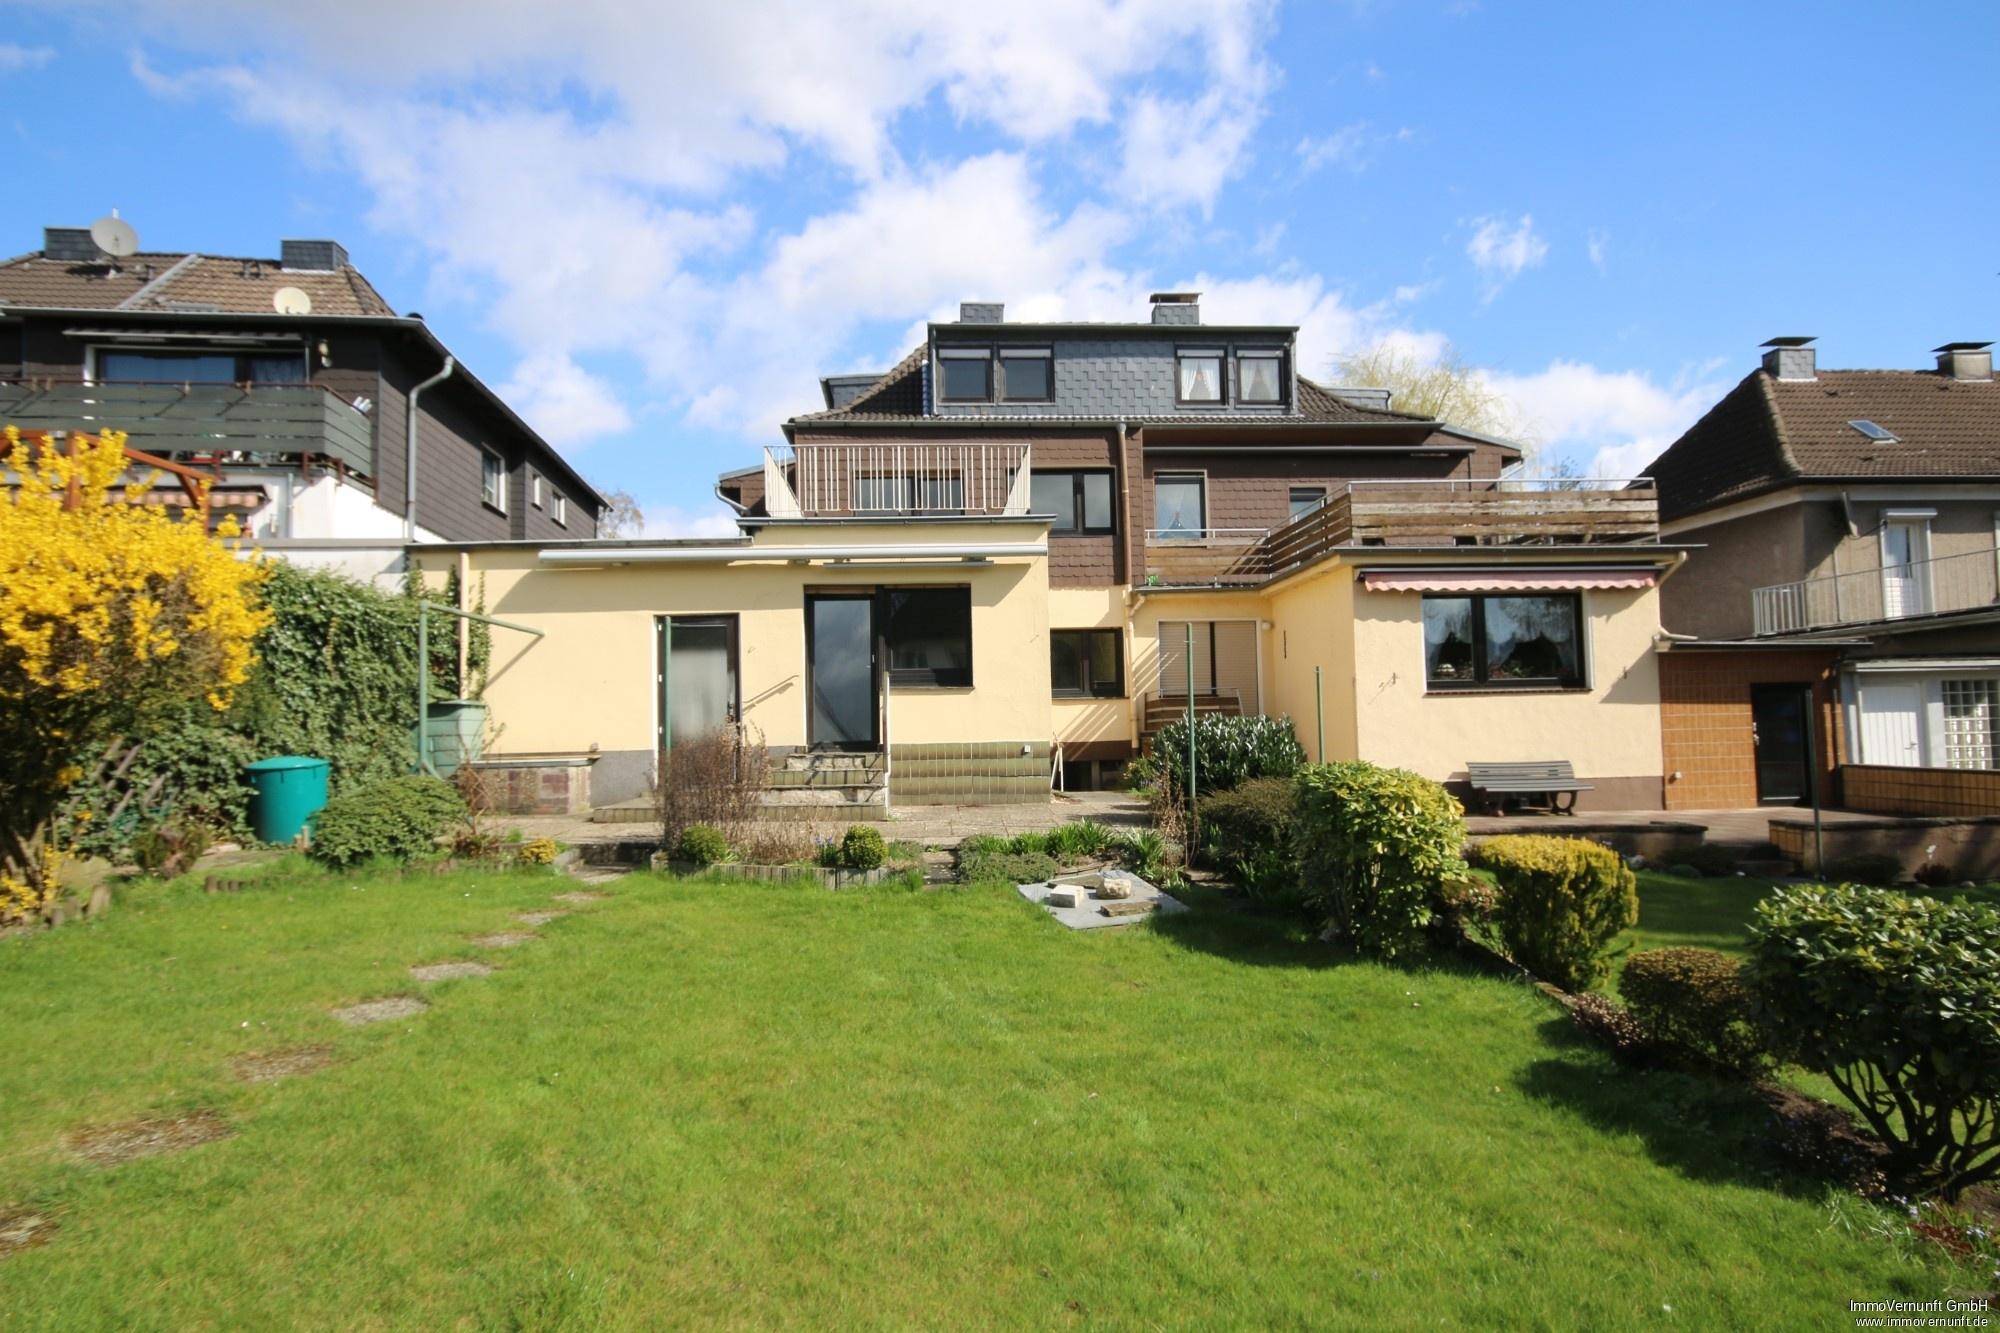 Doppelhaushälfte in MH Winkhausen 45473 Mülheim an der Ruhr, Doppelhaushälfte